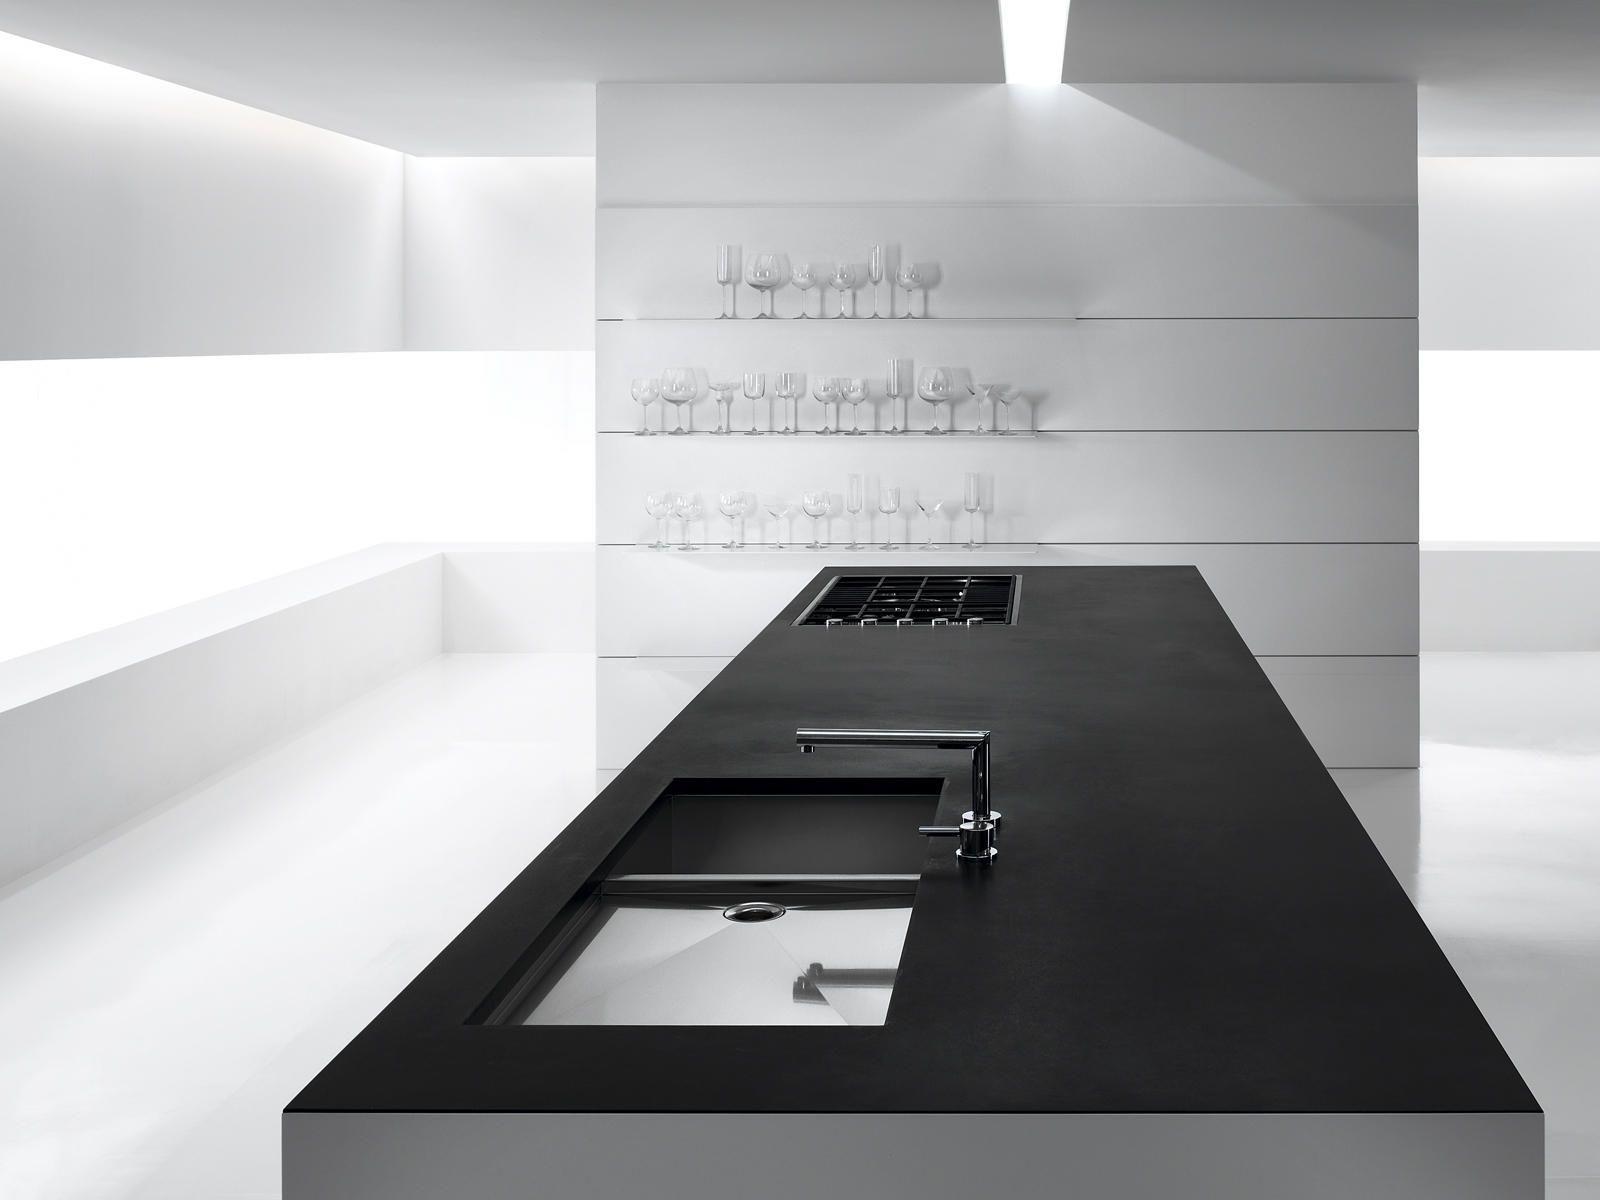 puristic interior design in black | kitchen . Küche . cuisine ...